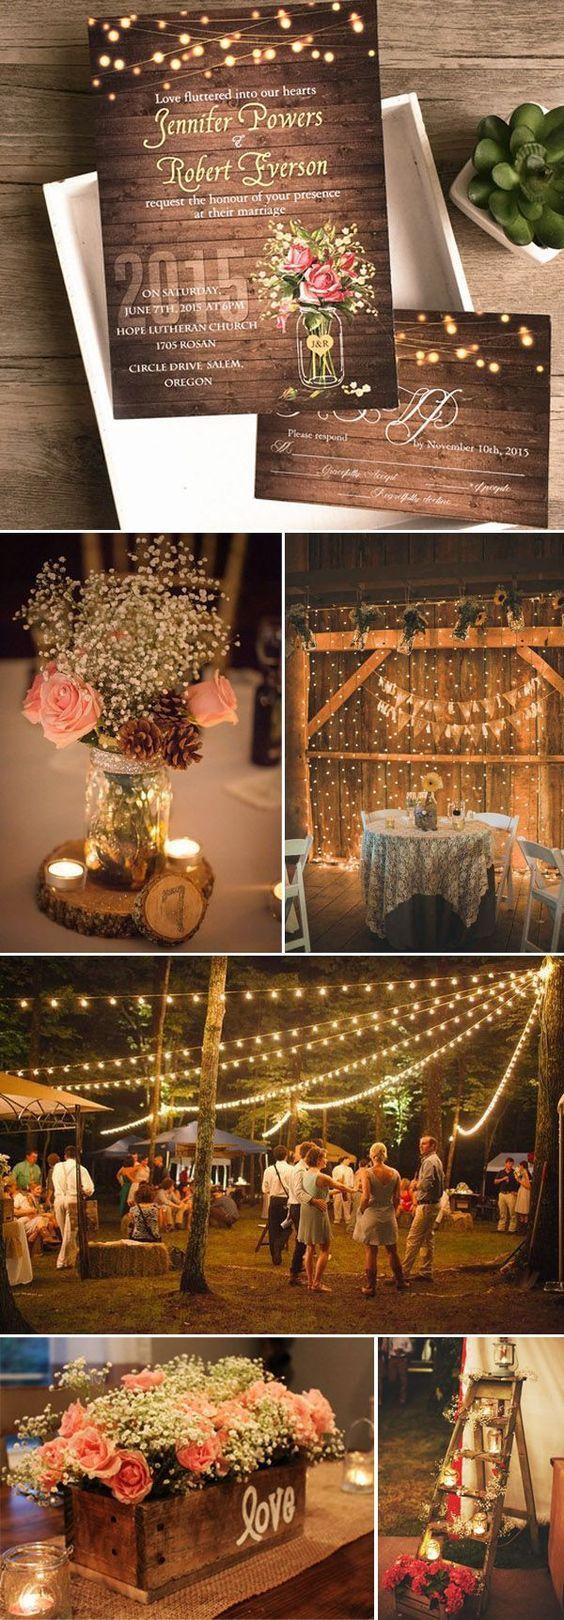 Indoor string lights wedding - Spring Flower Mason Jar String Lights Rustic Invitations Ewi416